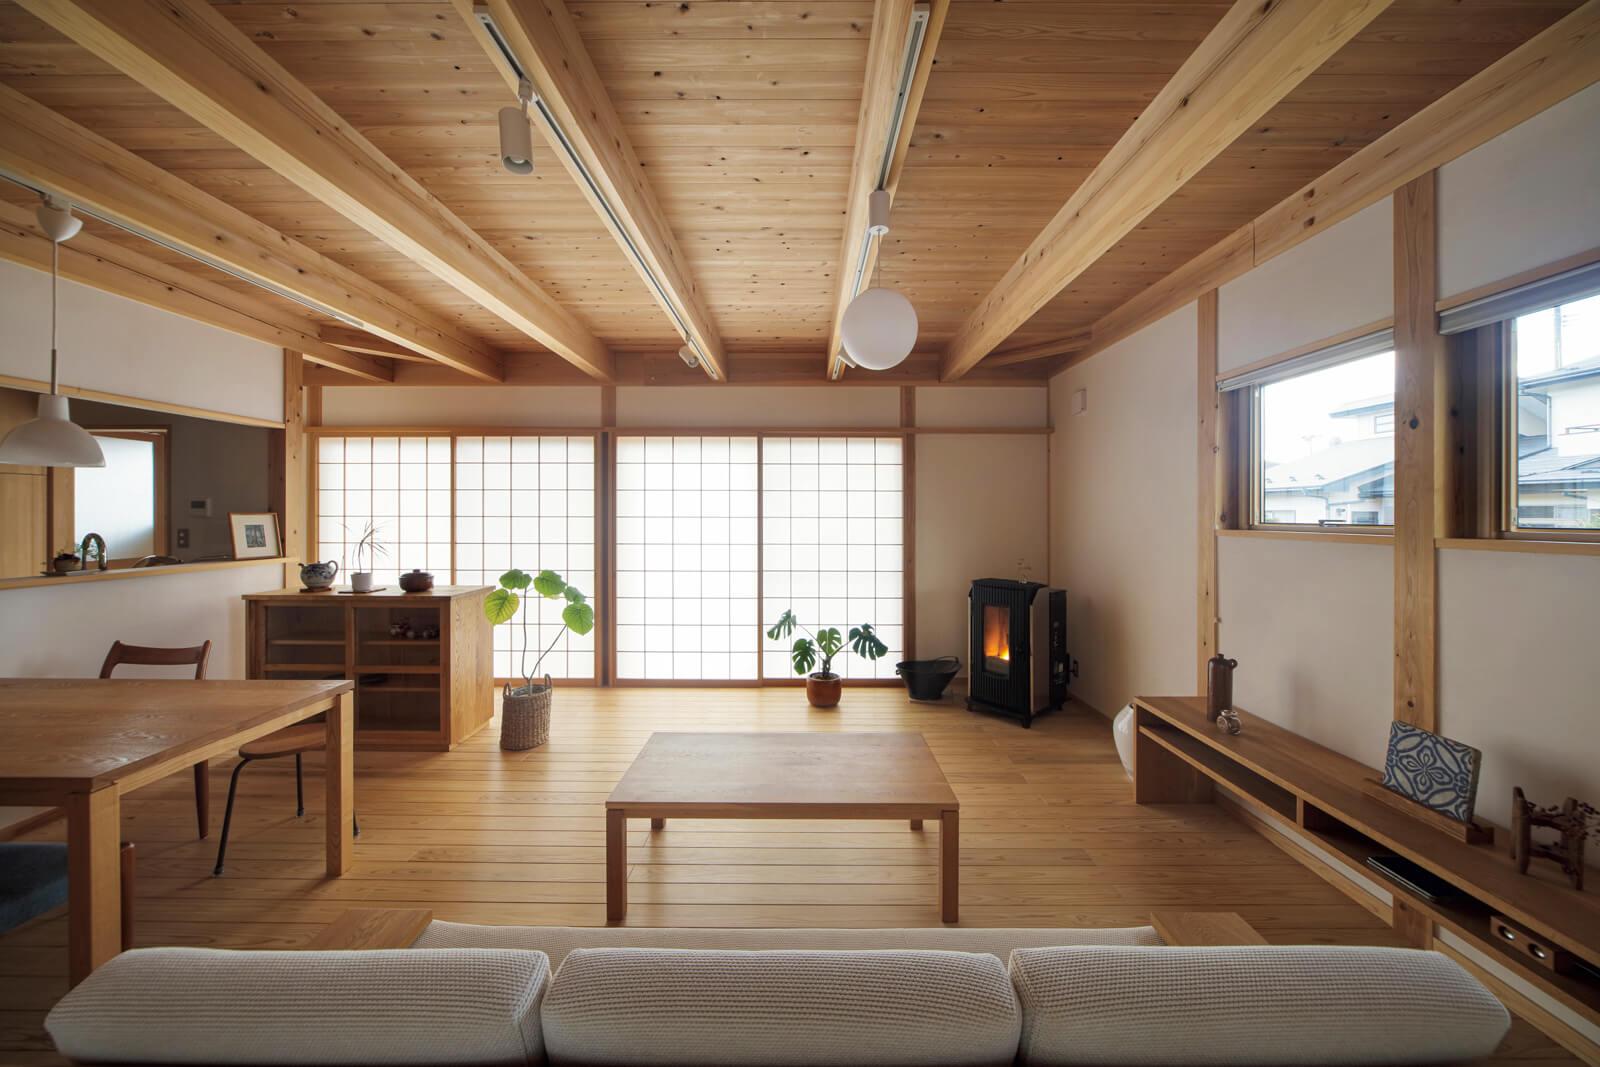 1階LDK。床はスギ無垢、壁は漆喰塗り、天井はスギ板張り。自然素材にこだわり抜いた空間が広がる